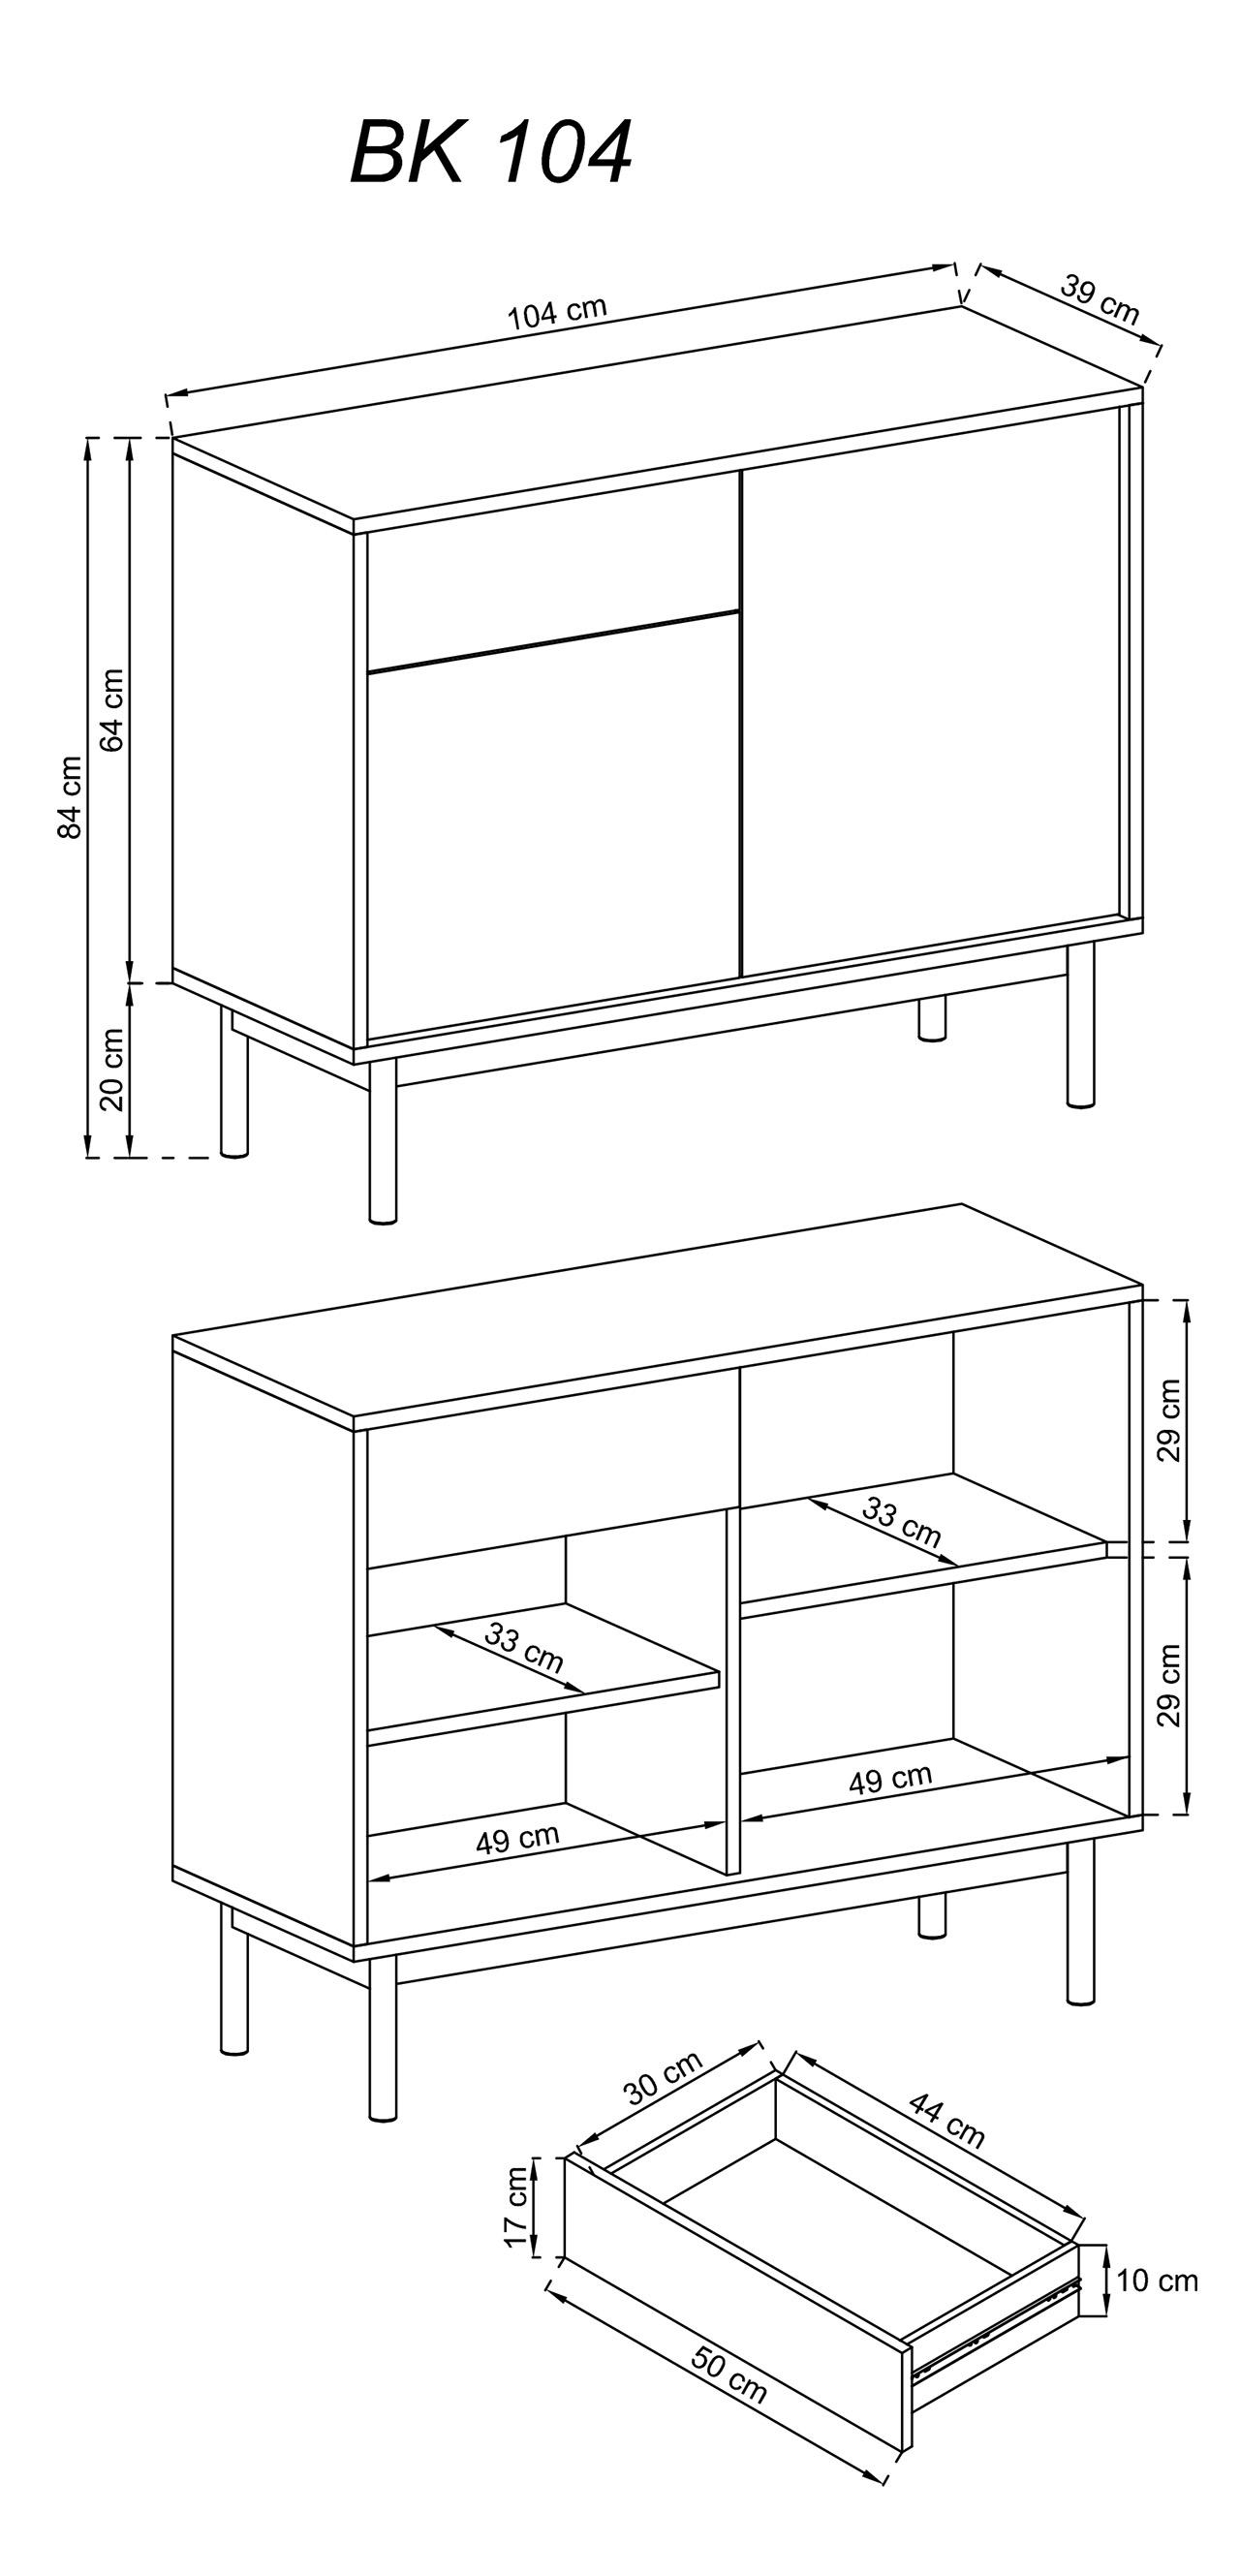 BASIC BK 104.jpg